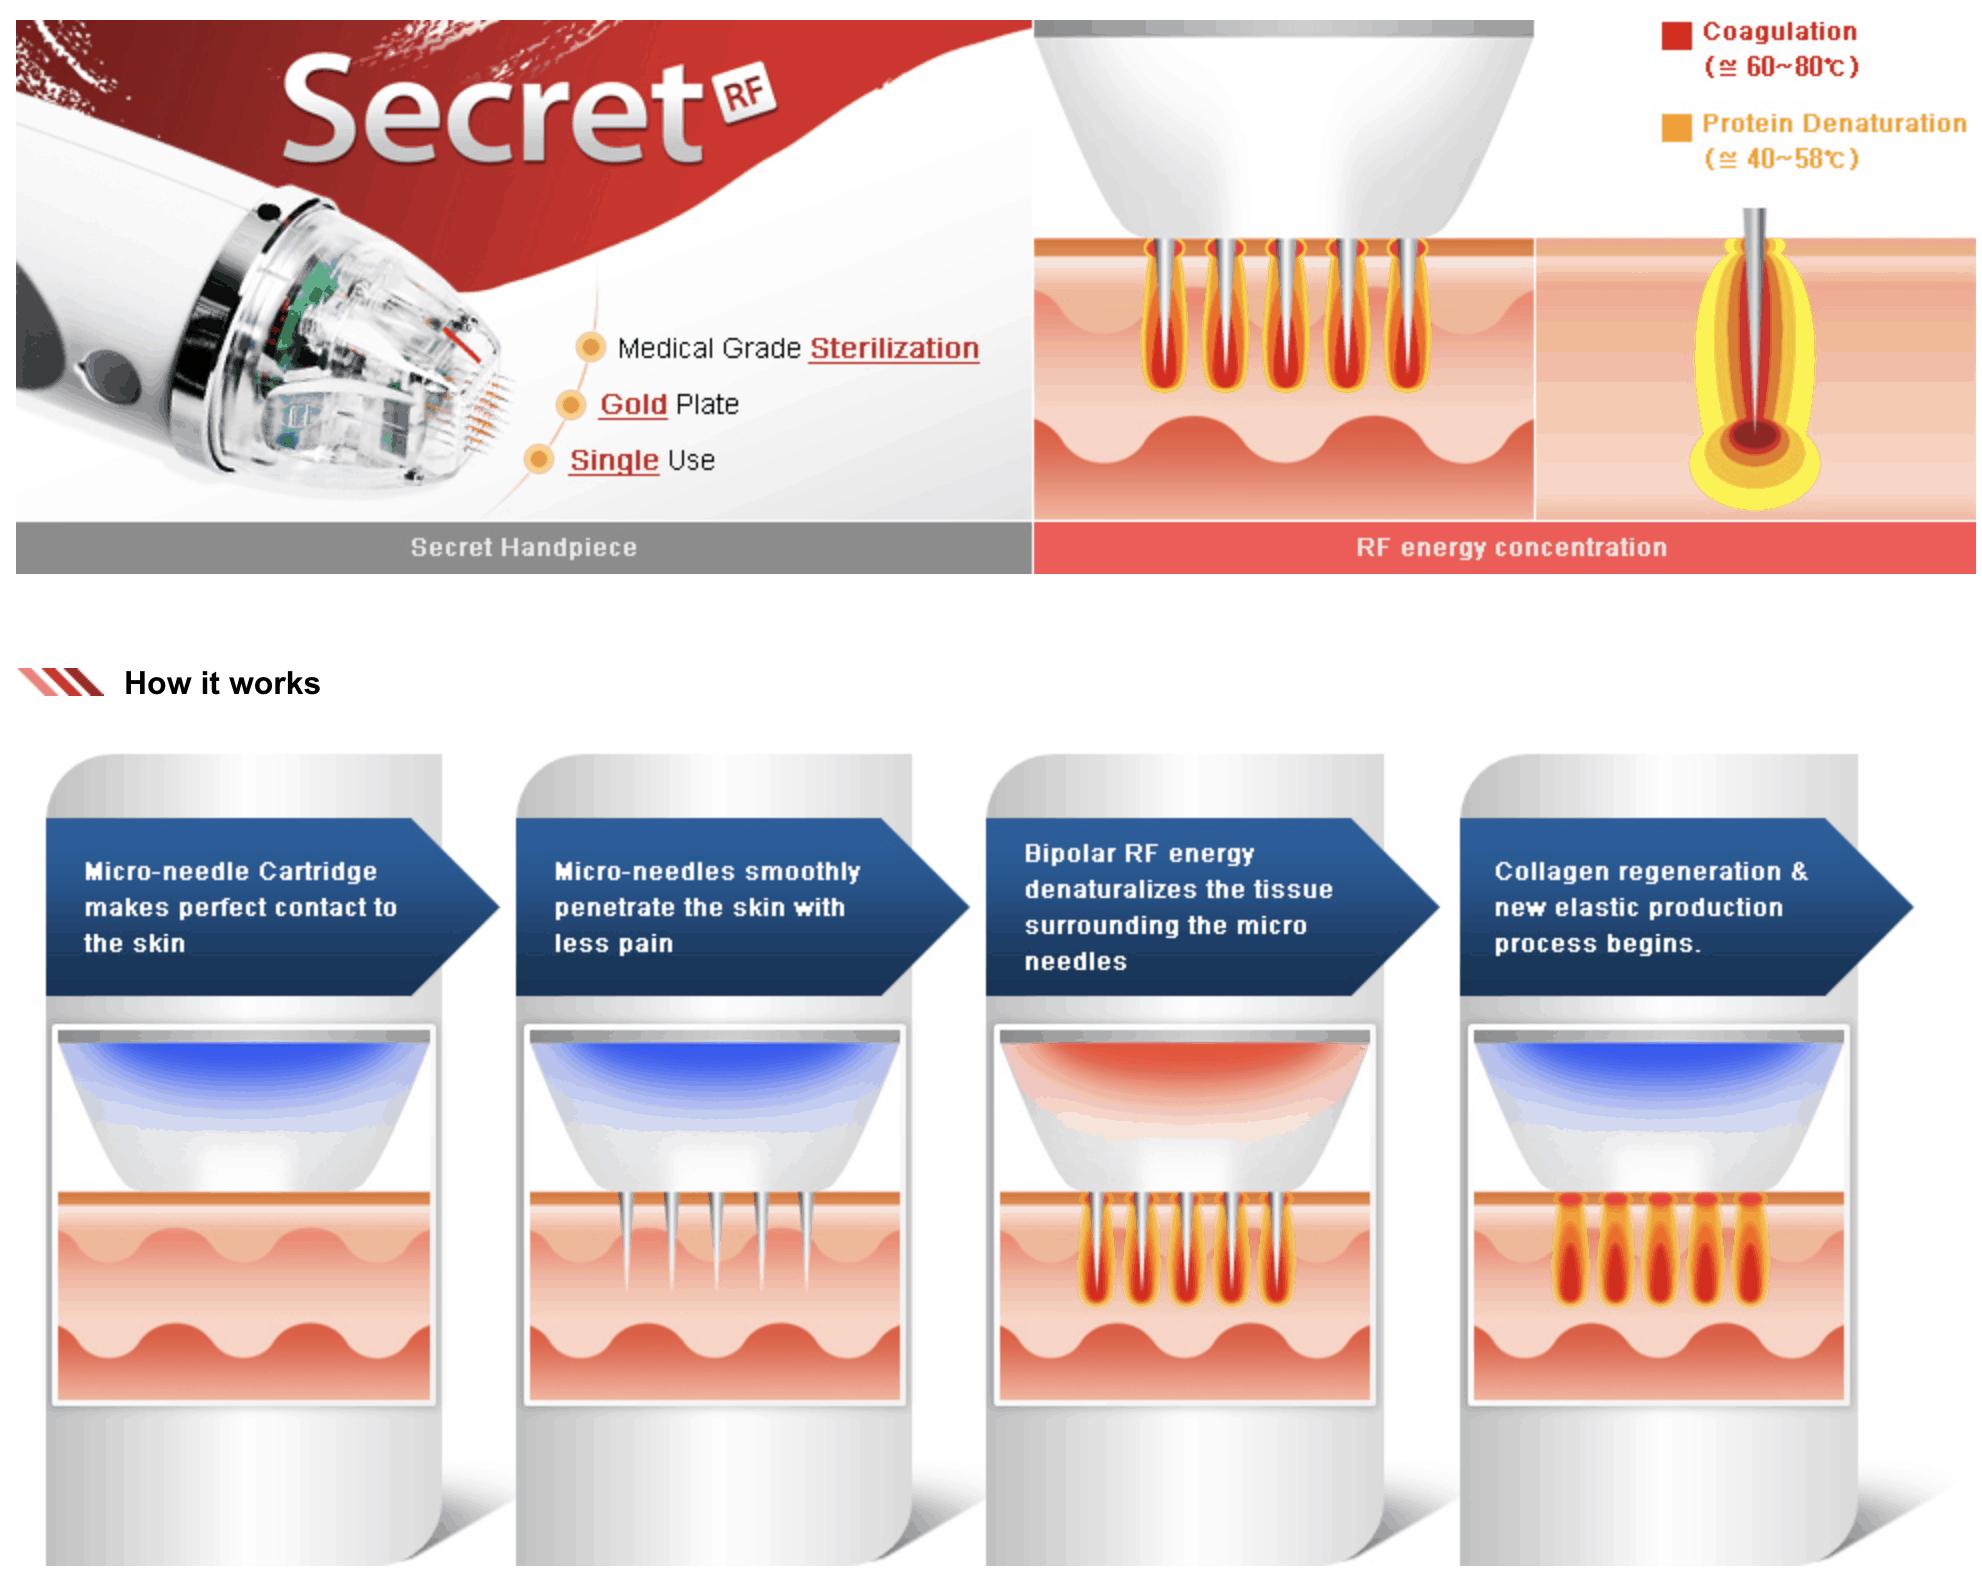 secret radiofrecuencia fraccionada microagujas punta de oro de belium medical FDA para acne, cicatrices, rejuvenecimiento, colágeno